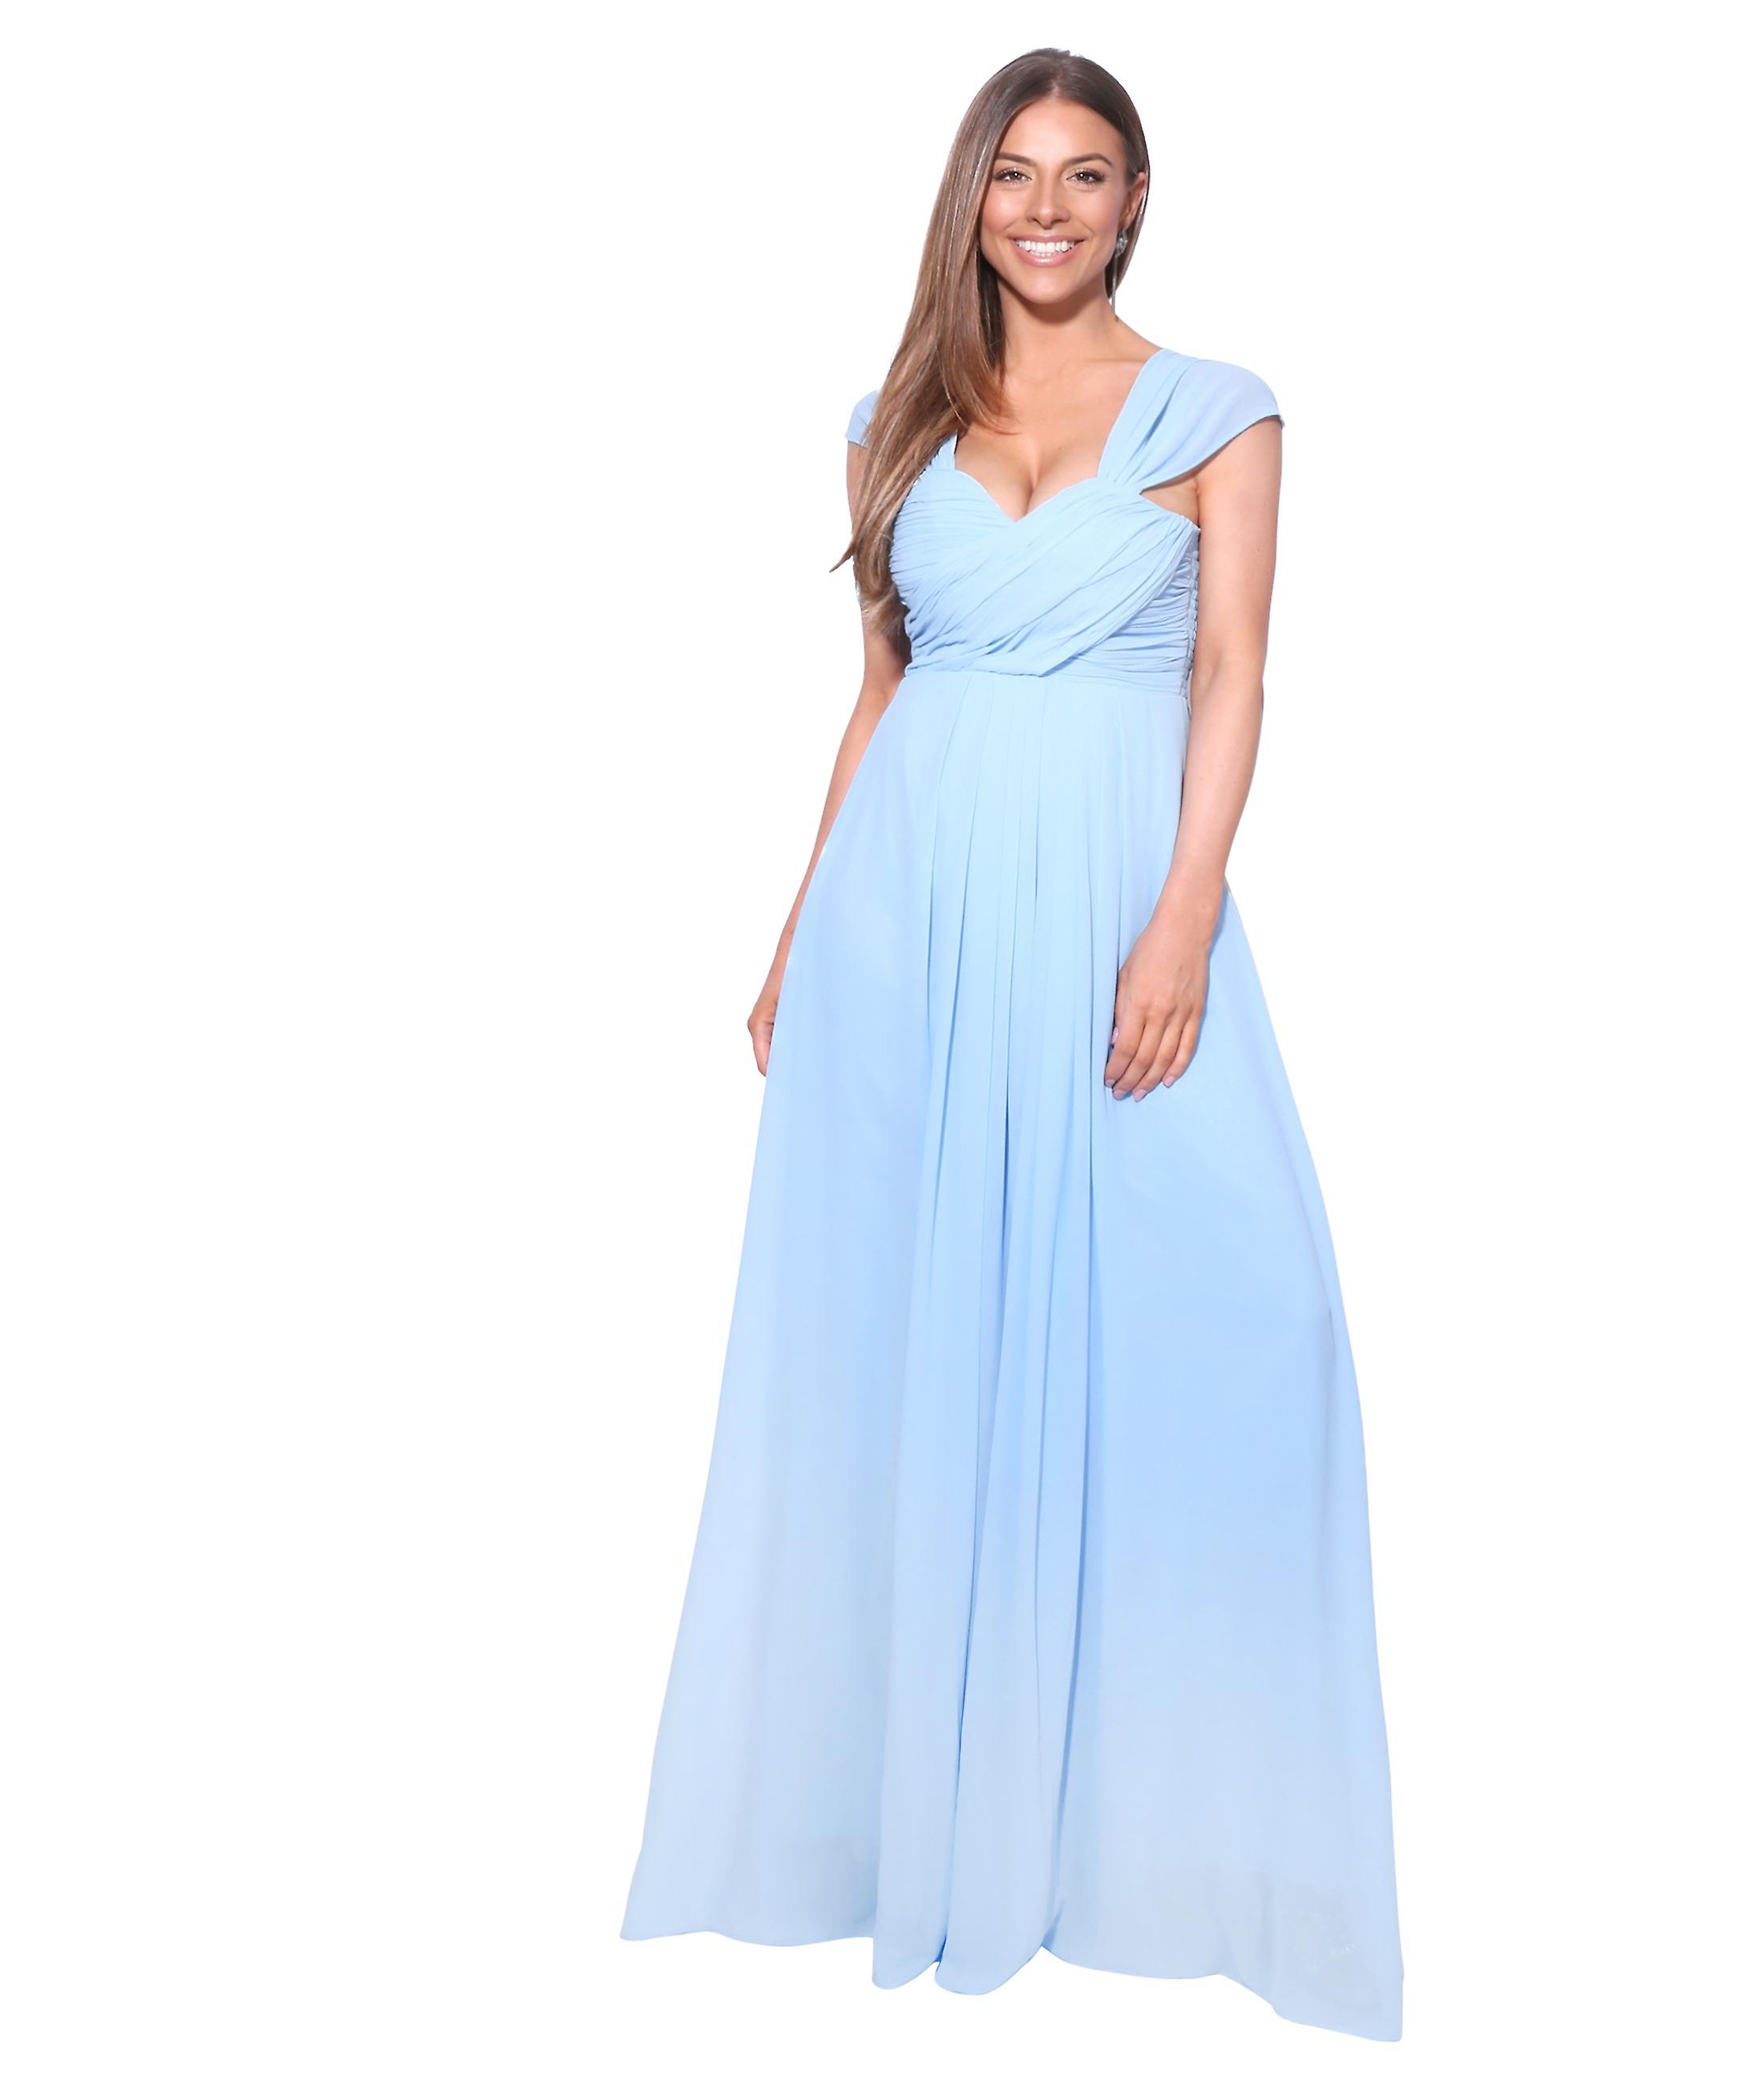 KRISP Damen Chiffon Spitze Braut Brautjungfer Sommer Hochzeit lange Maxi  Kleid Kleid 18-18